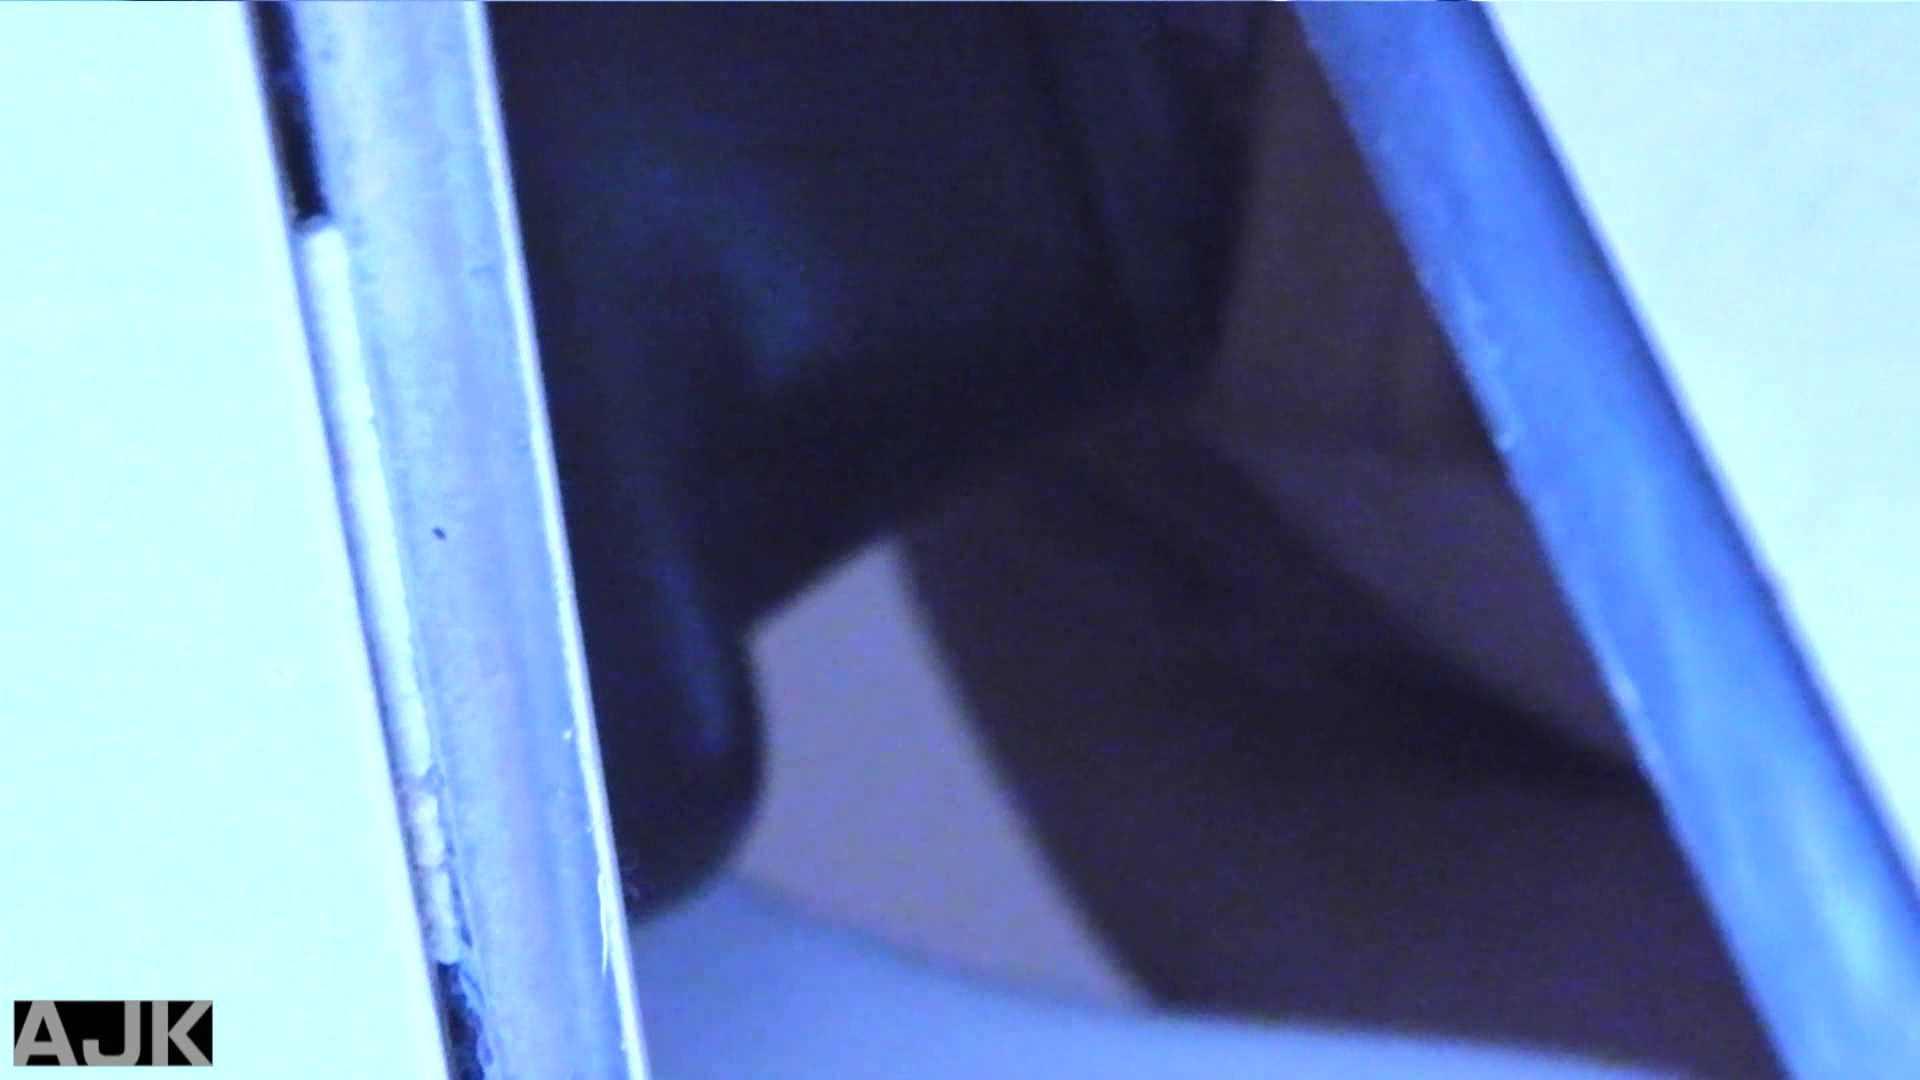 隣国上階級エリアの令嬢たちが集うデパートお手洗い Vol.07 マンコ オマンコ動画キャプチャ 48画像 38